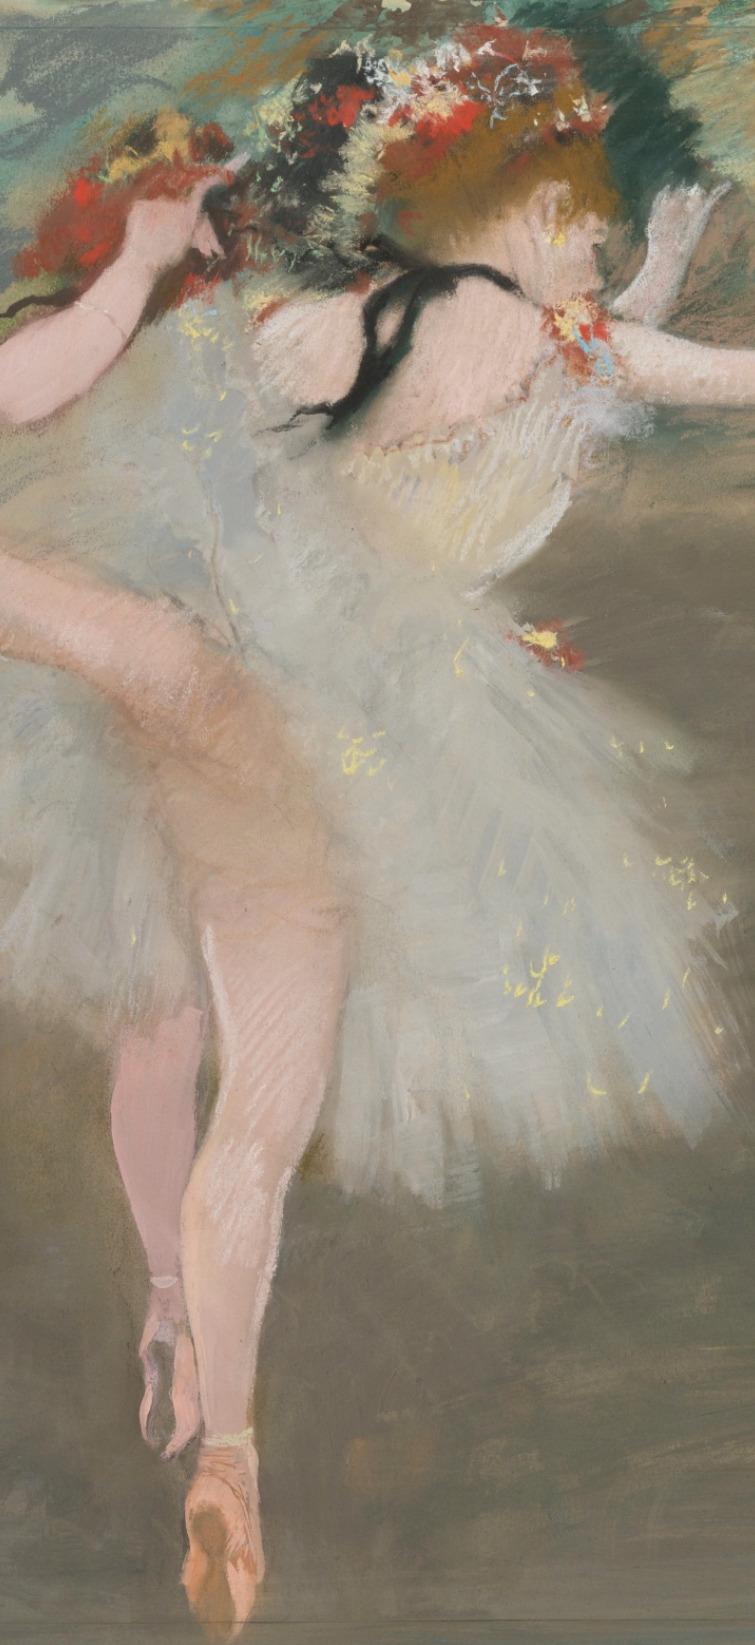 6Screenshot_2018-12-08 degas, edgar danseuses en blanc drawings sotheby's n09430lot58rn9en